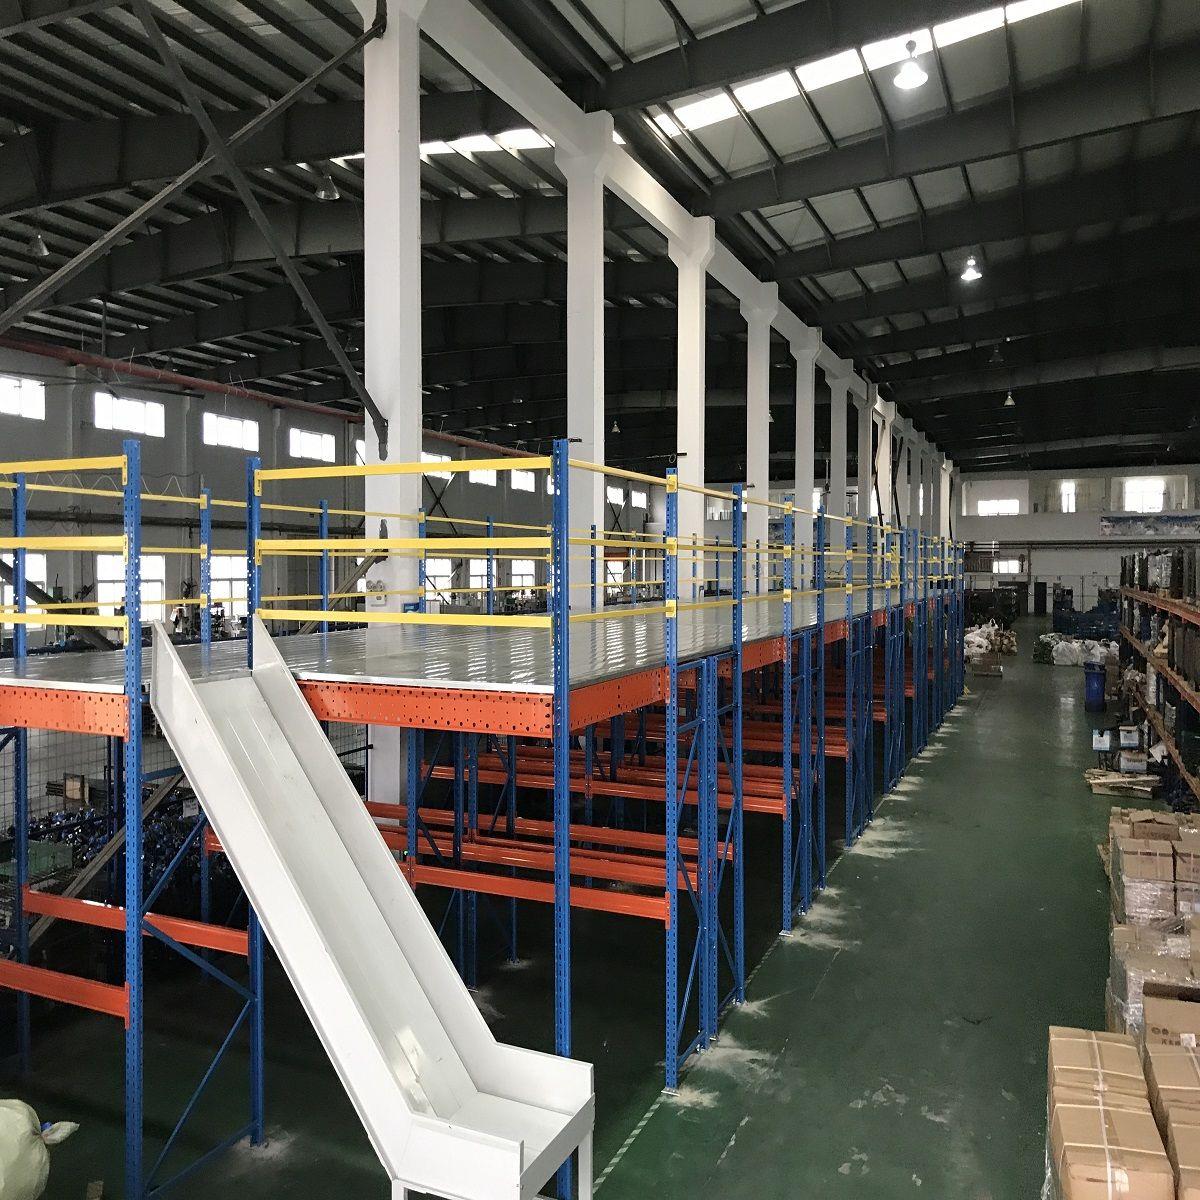 阁楼货架 货架生产商 各类货架供应 原装现货就来至腾仓储货架